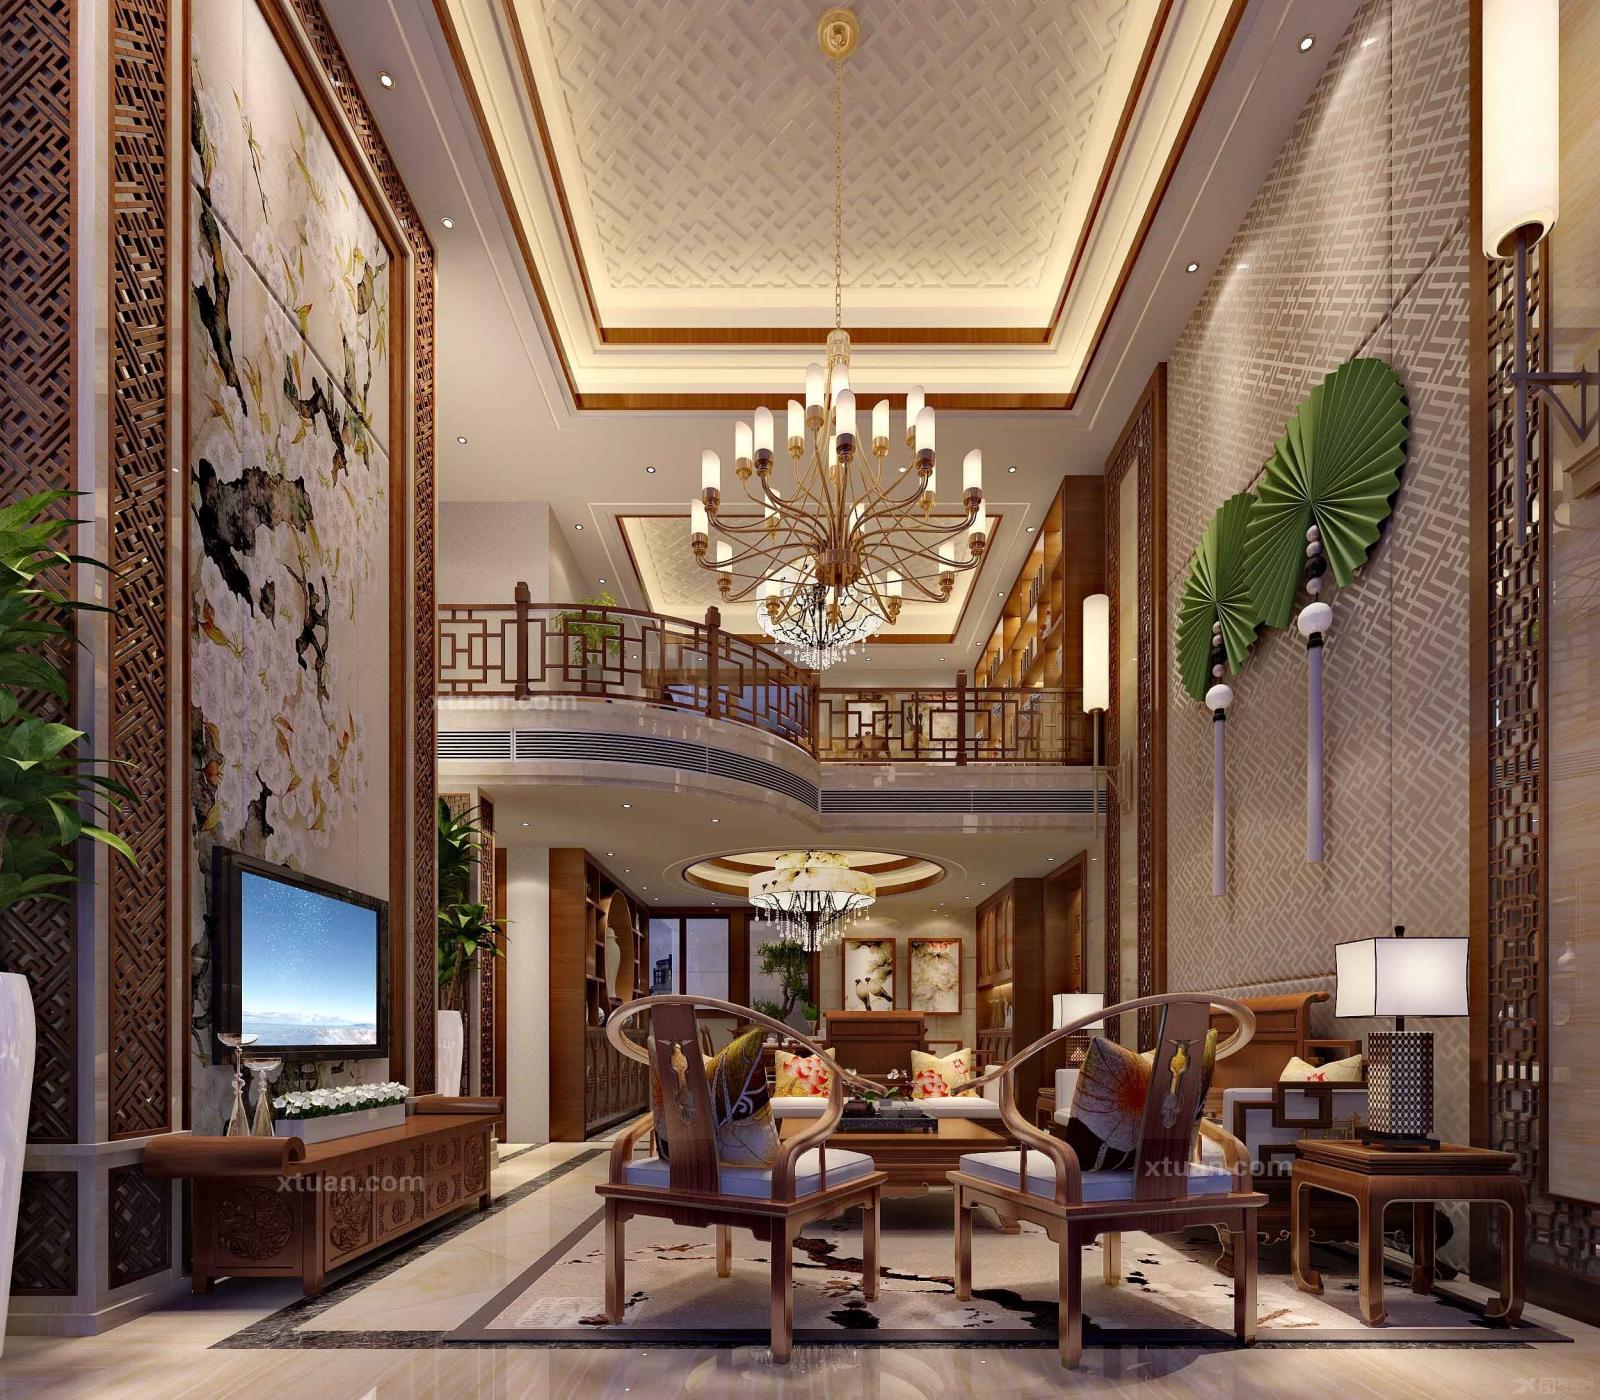 盘龙居复式楼180平米现代欧式装修效果图